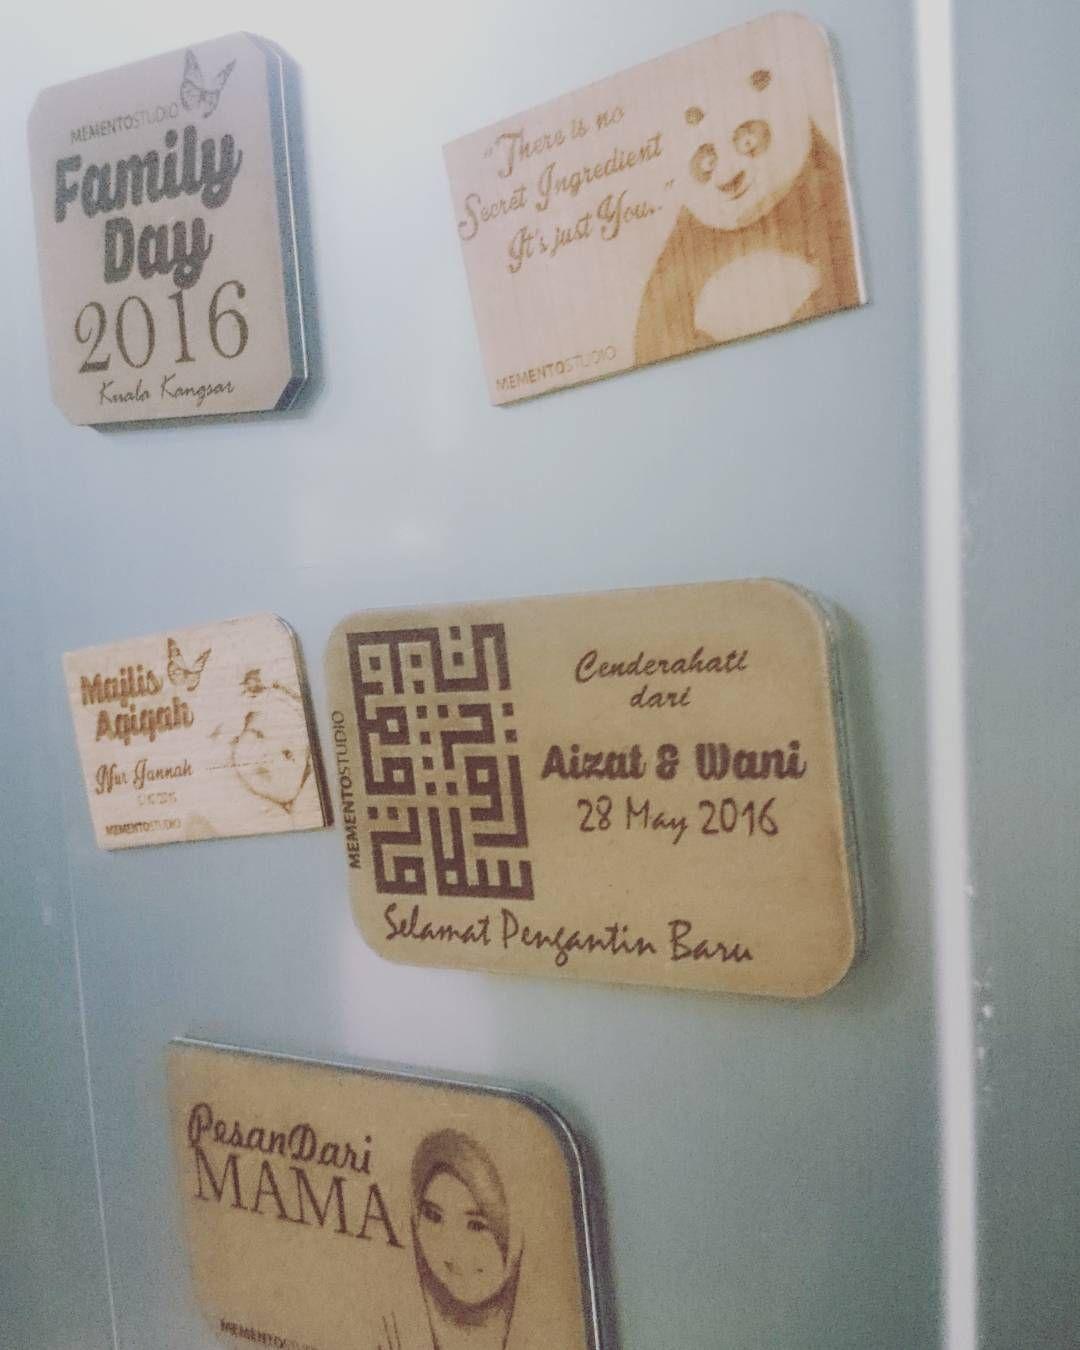 Memento Studio On Instagram Custom Fridge Magnet Tempahan Untuk Semua Jenis Acara Doorgiftcustom Custom Fridge Magnets Fridge Magnets Custom Wooden Boxes